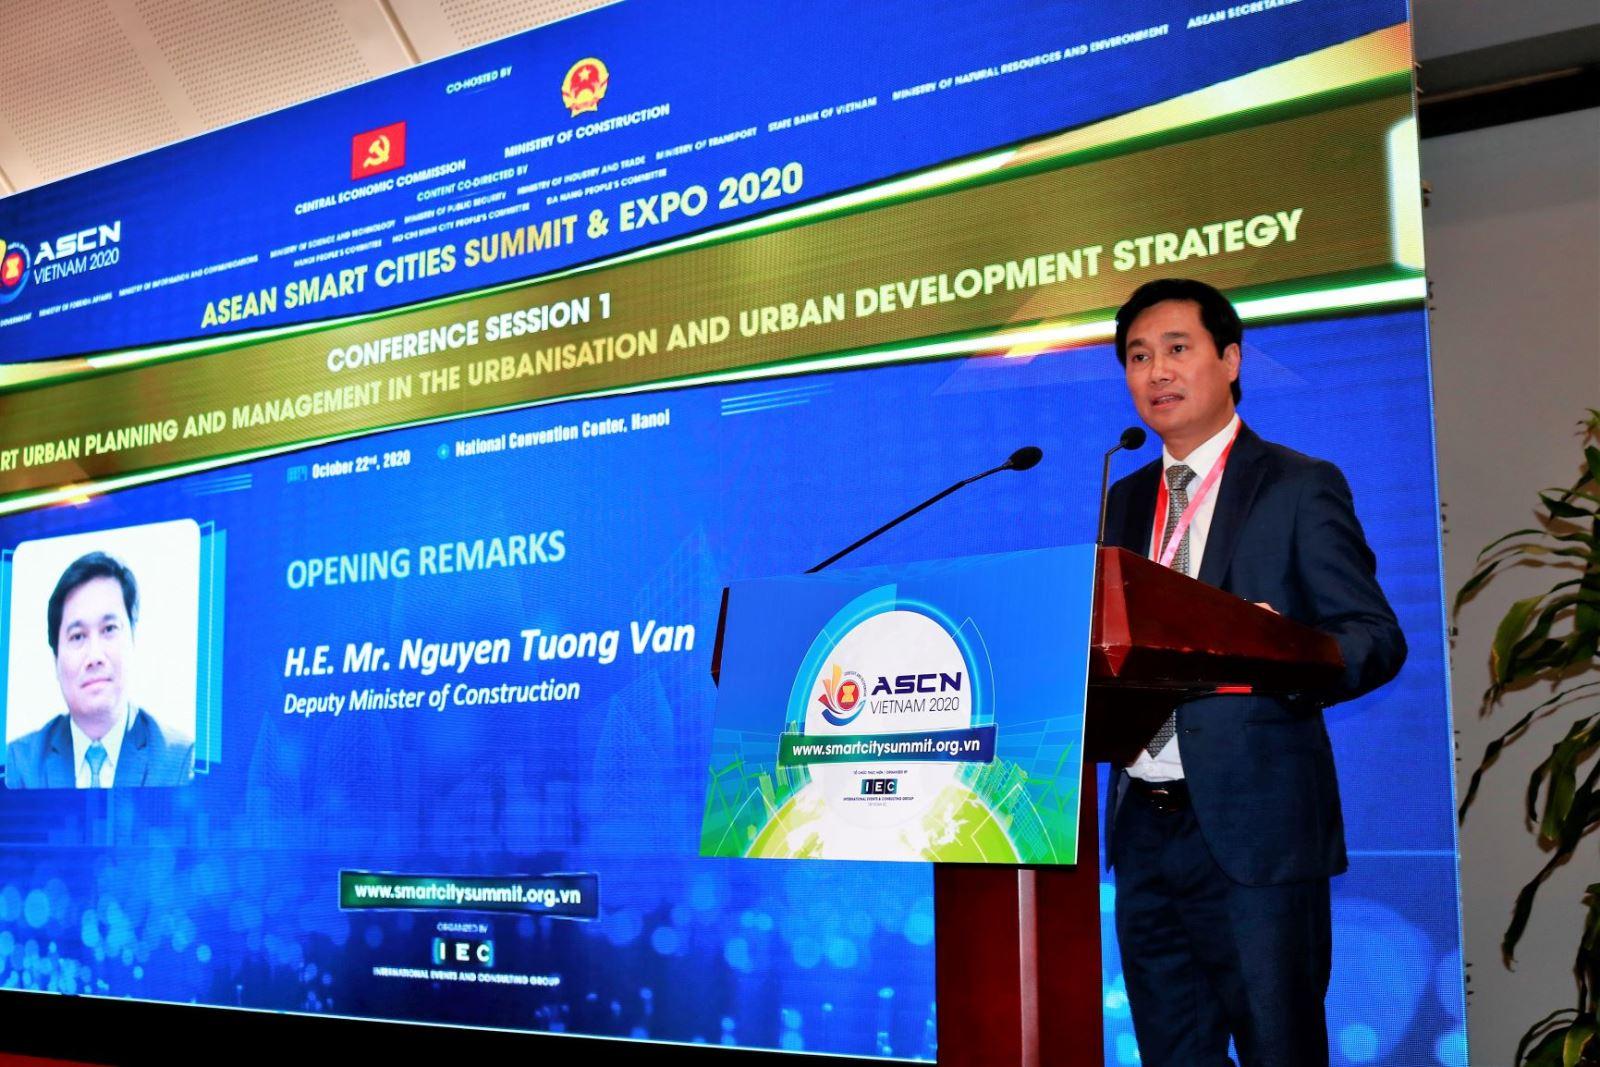 Thứ trưởng Nguyễn Tường Văn phát biểu tại hội thảo